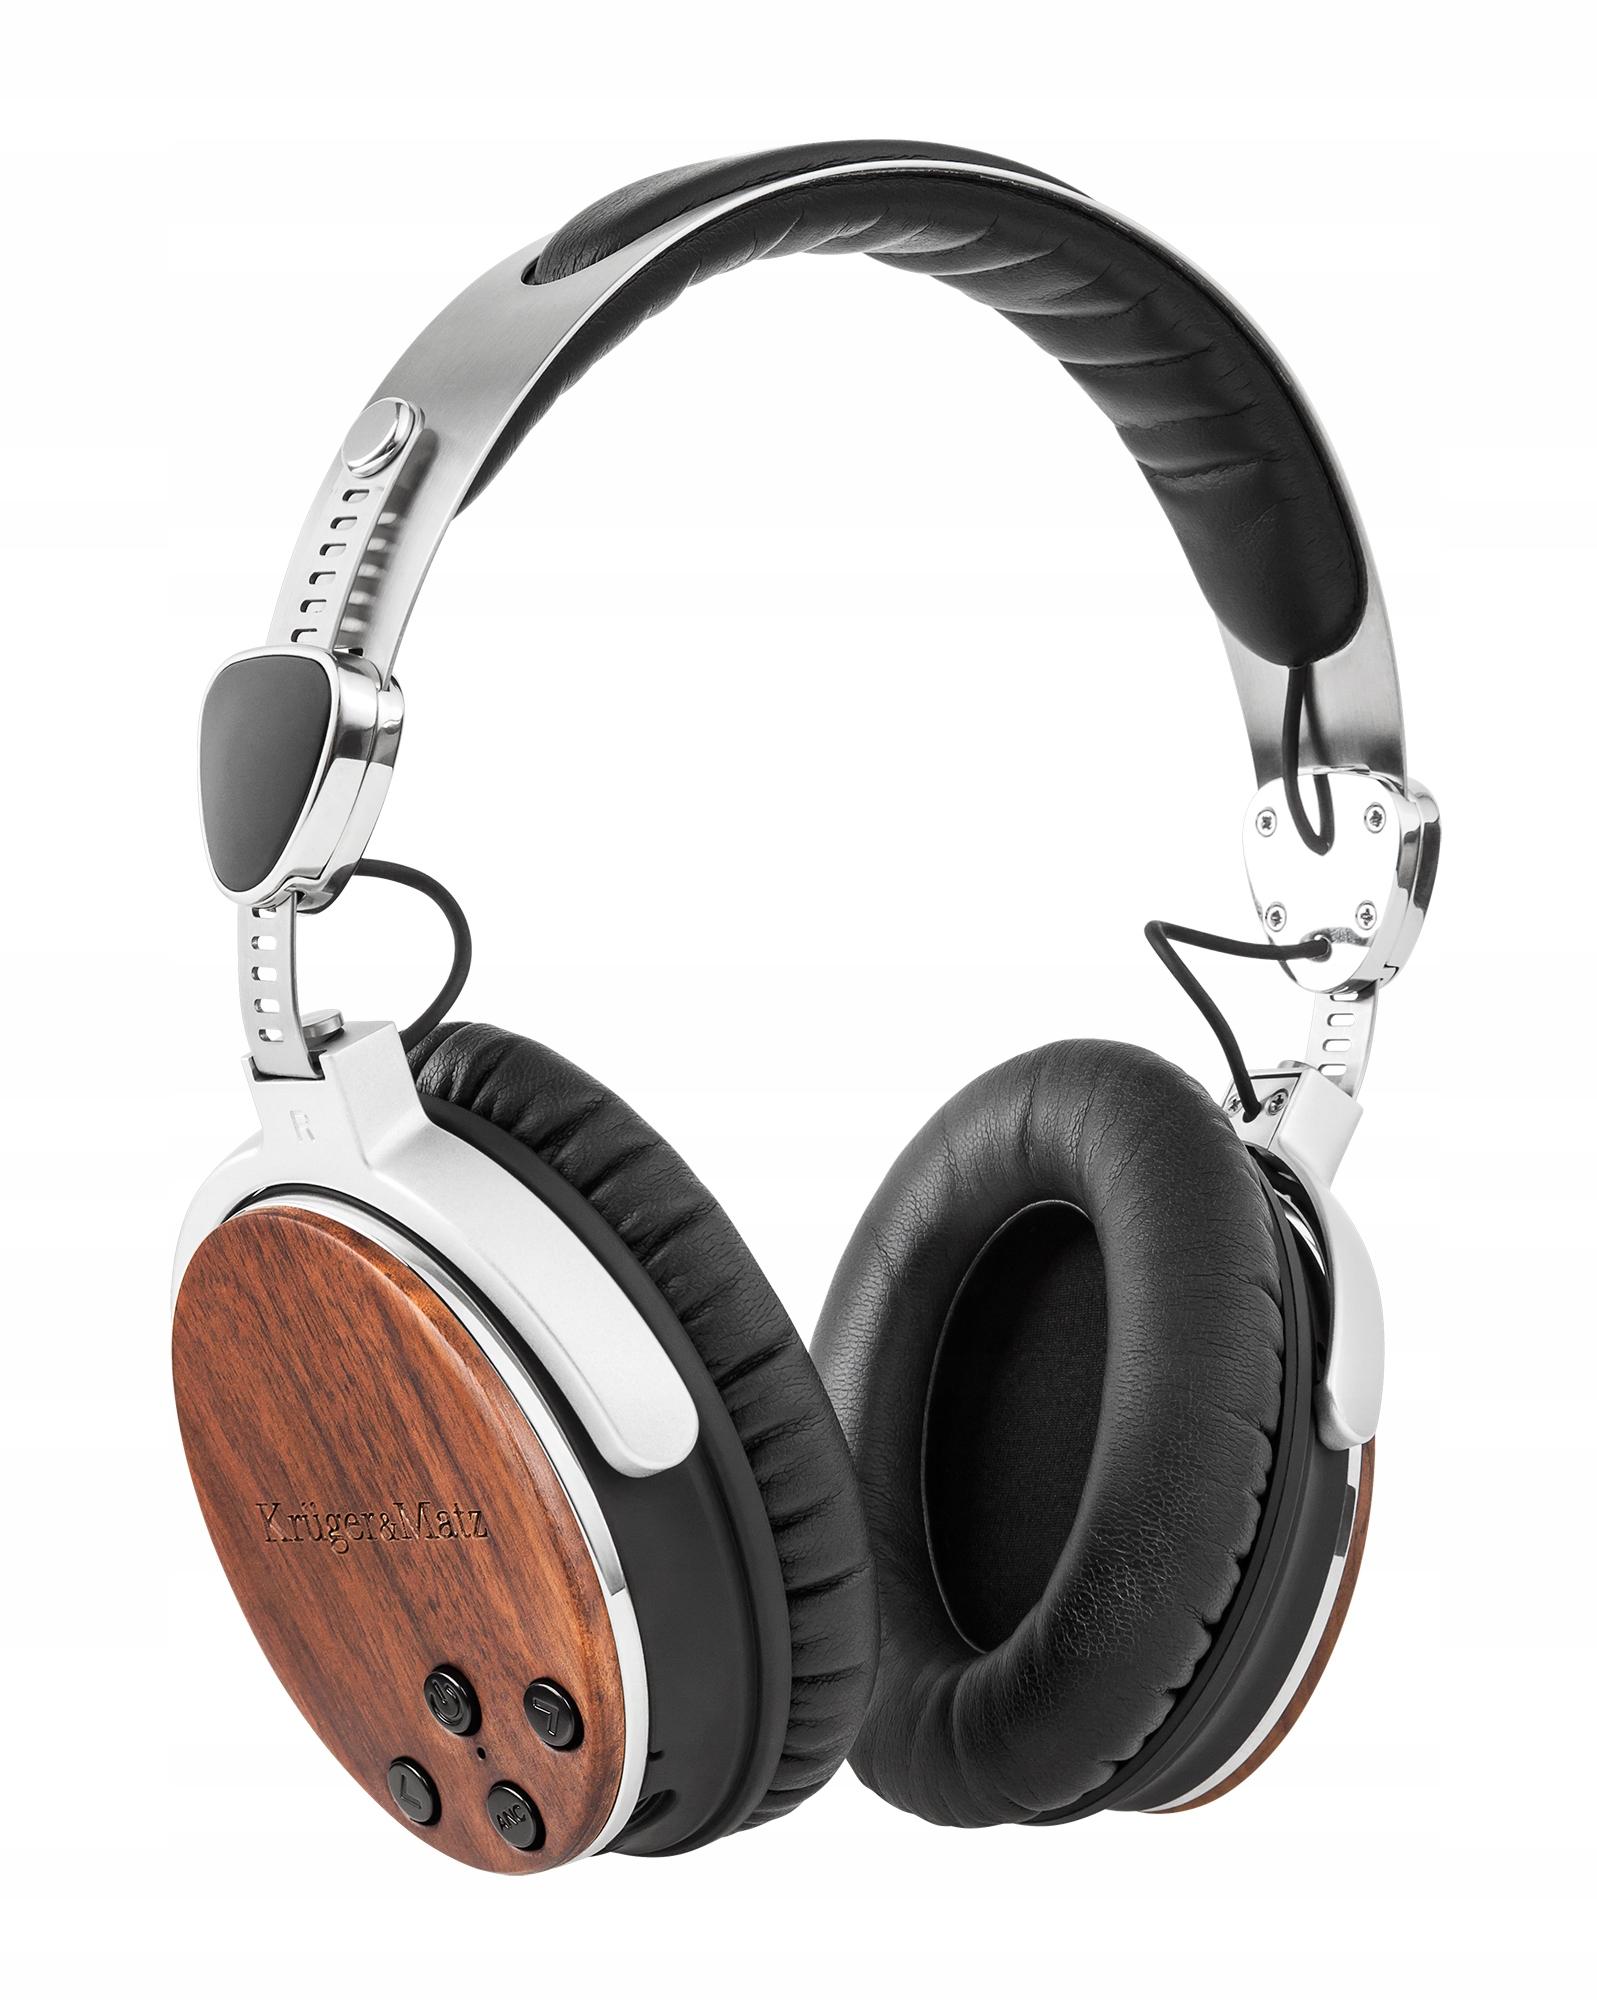 Słuchawki bezprzewodowe Kruger&Matz KM 670 ANC